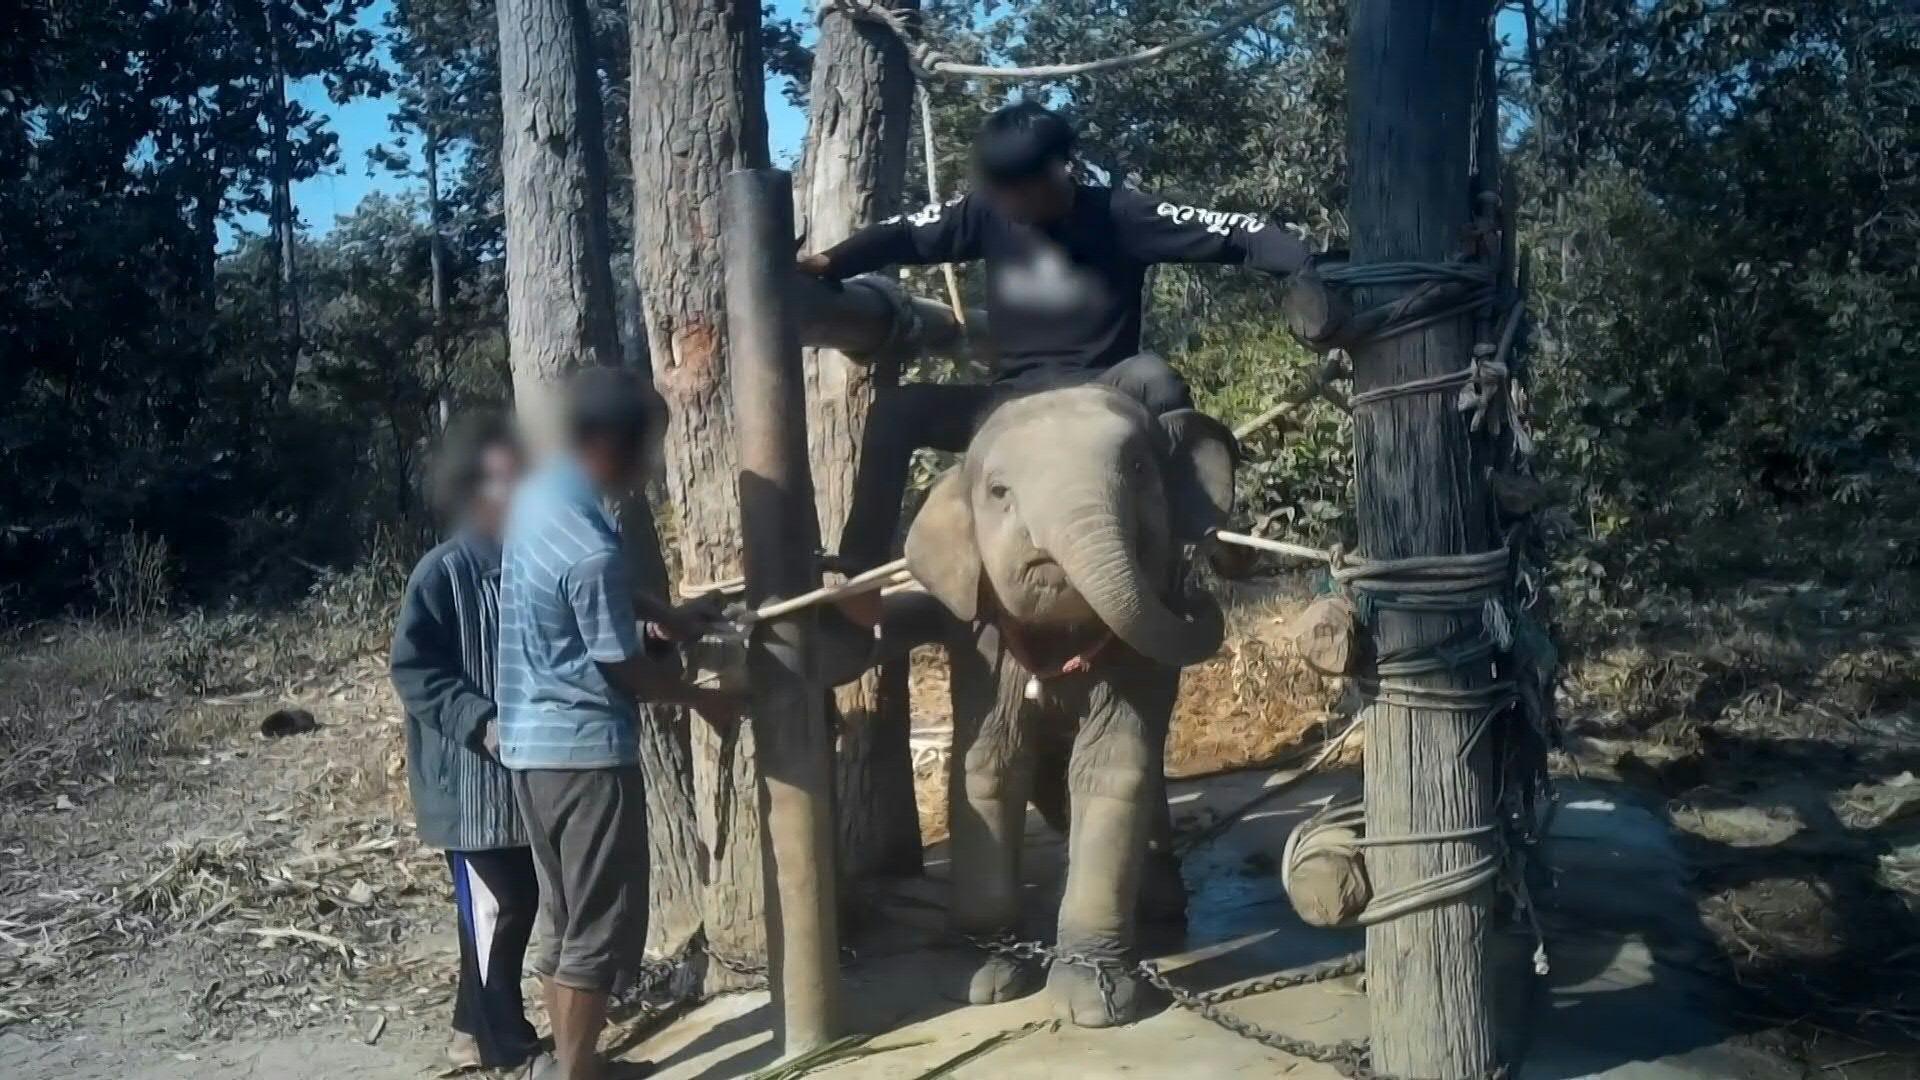 Transportar turistas sobre el lomo, bañarse con ellos, dar vueltas como en un circo: unos 3.000 elefantes son utilizados en el sector turístico de Tailandia.